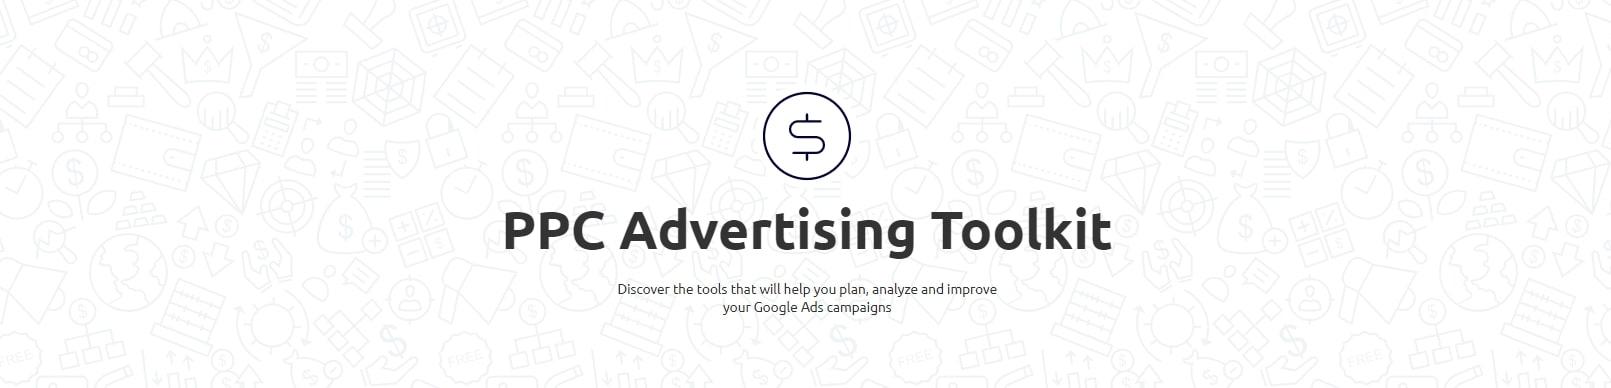 Advertising toolkit